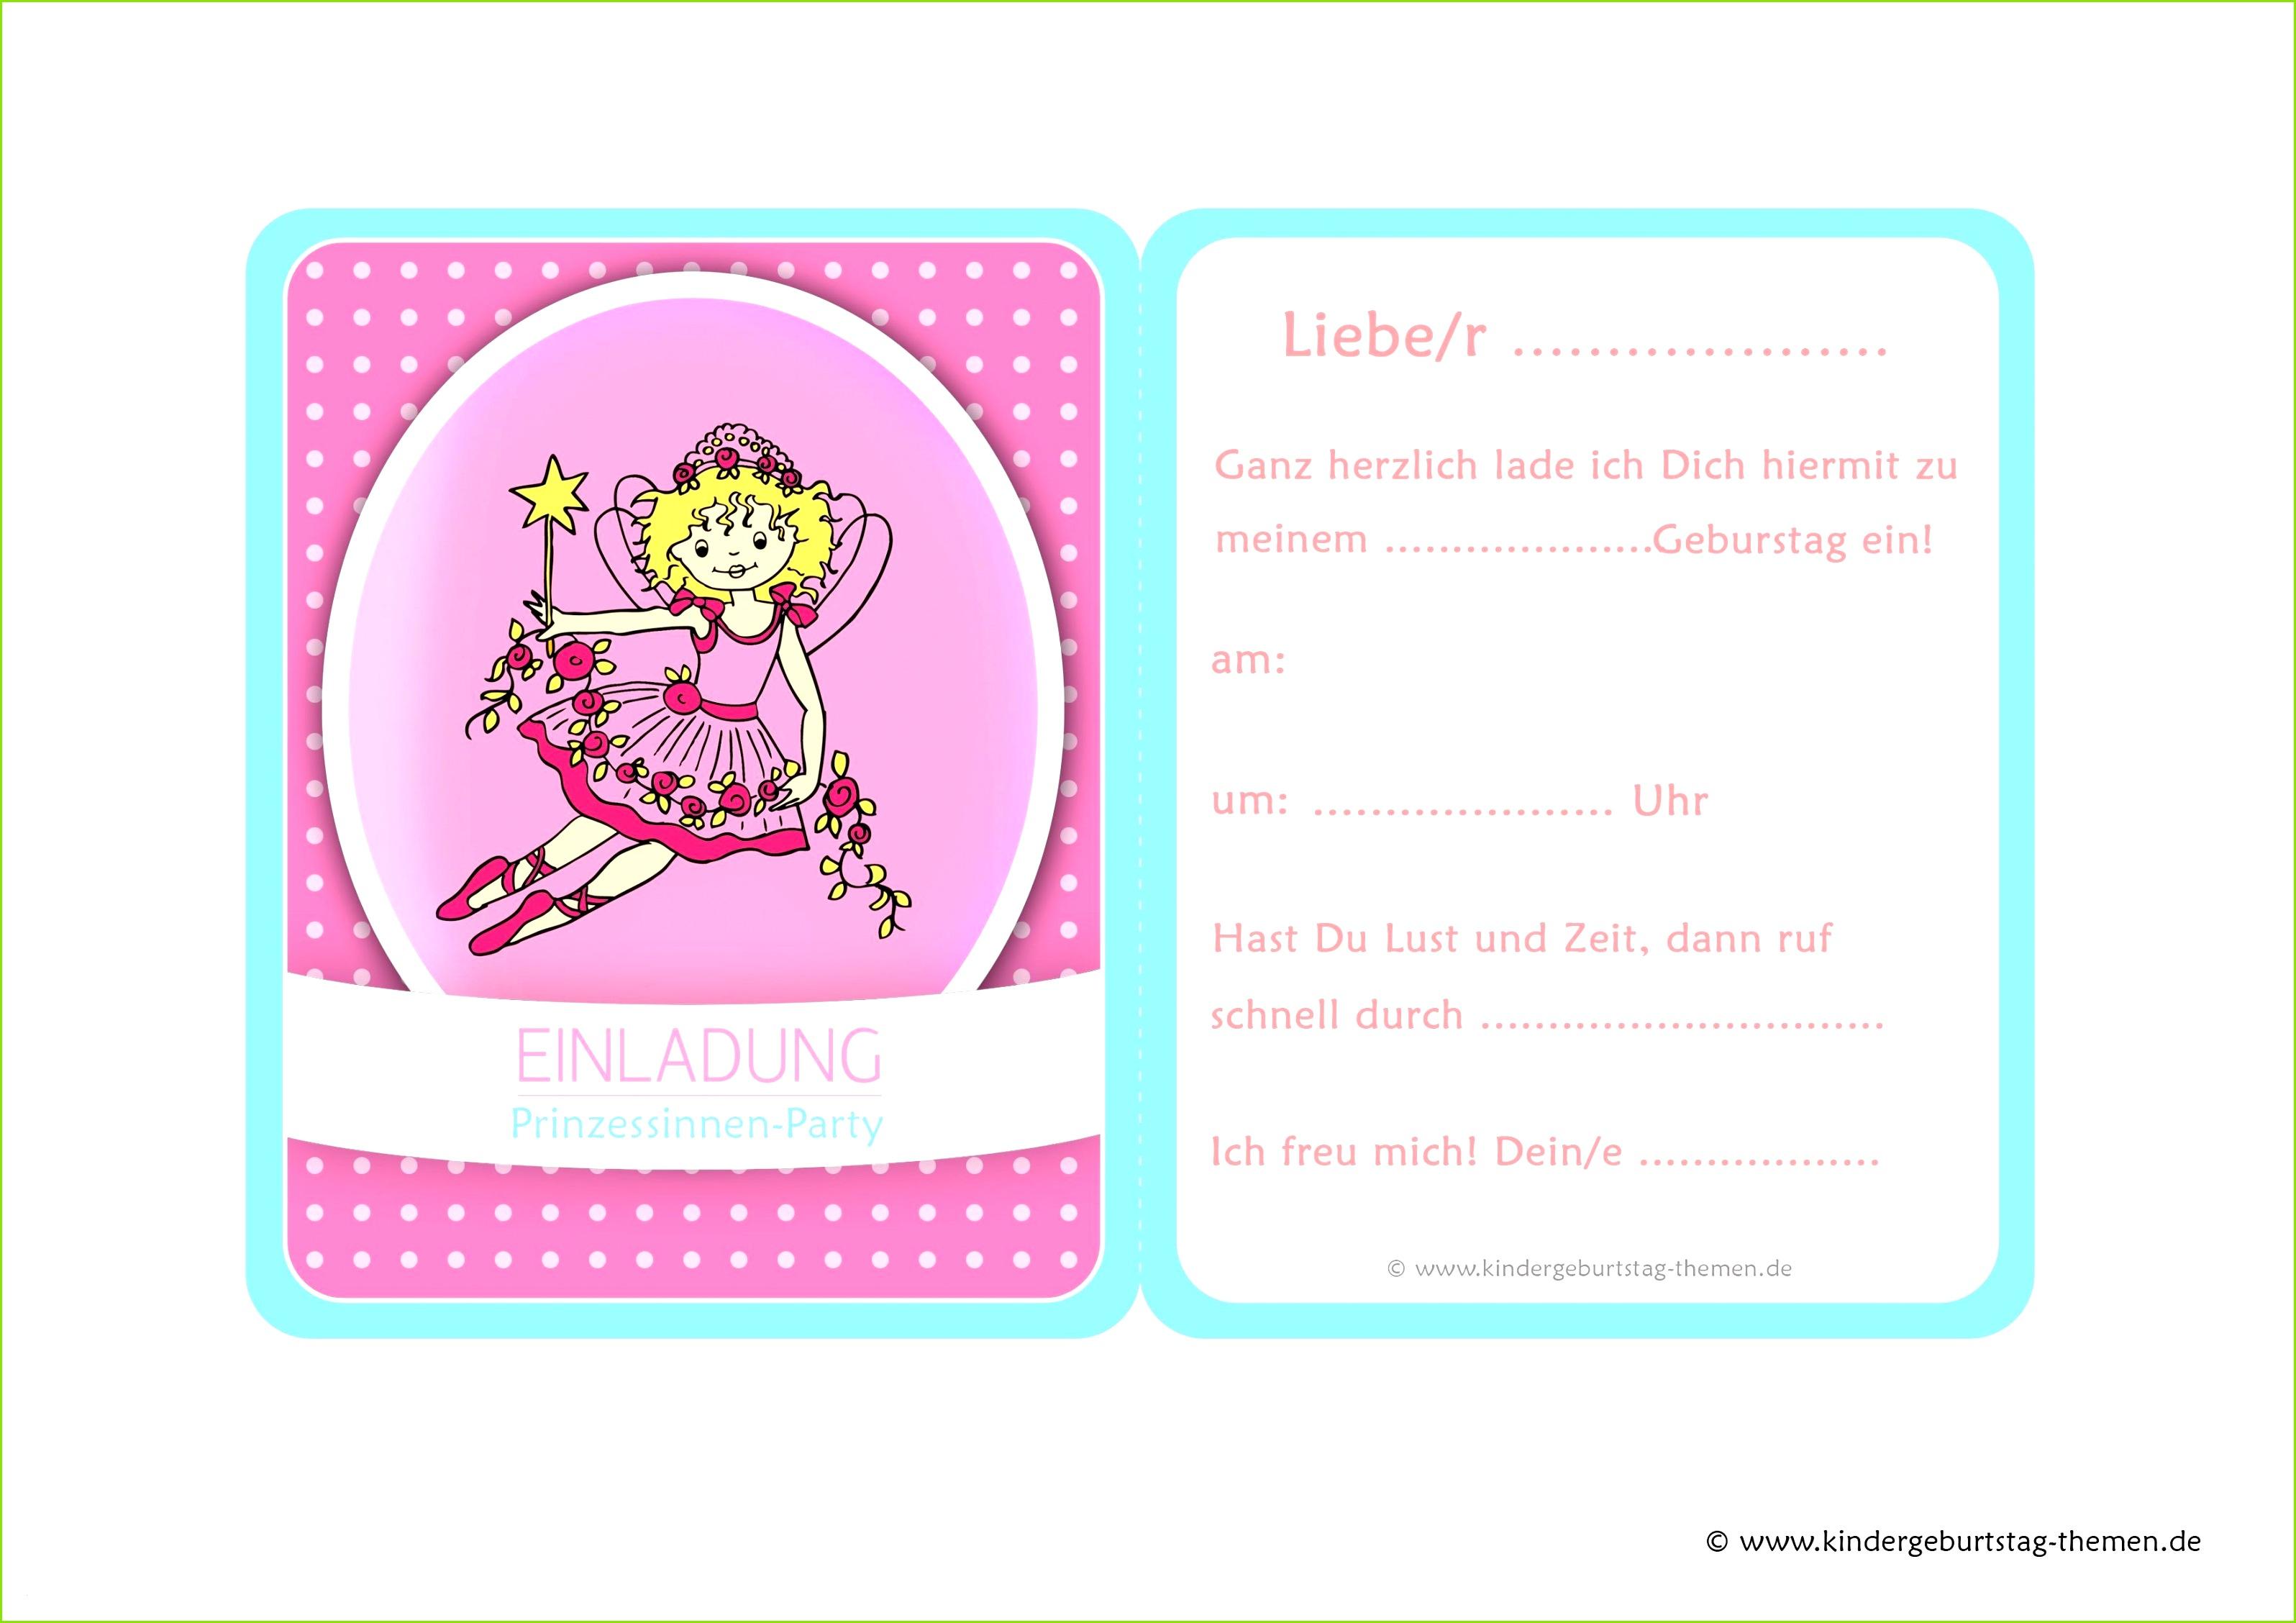 Charming Einladungen Geburtstag Vorlagen 14 Vorlage Karte Frisch Einladungskarten Vorlagen Geburtstag Vorlagen Einladungen 0d